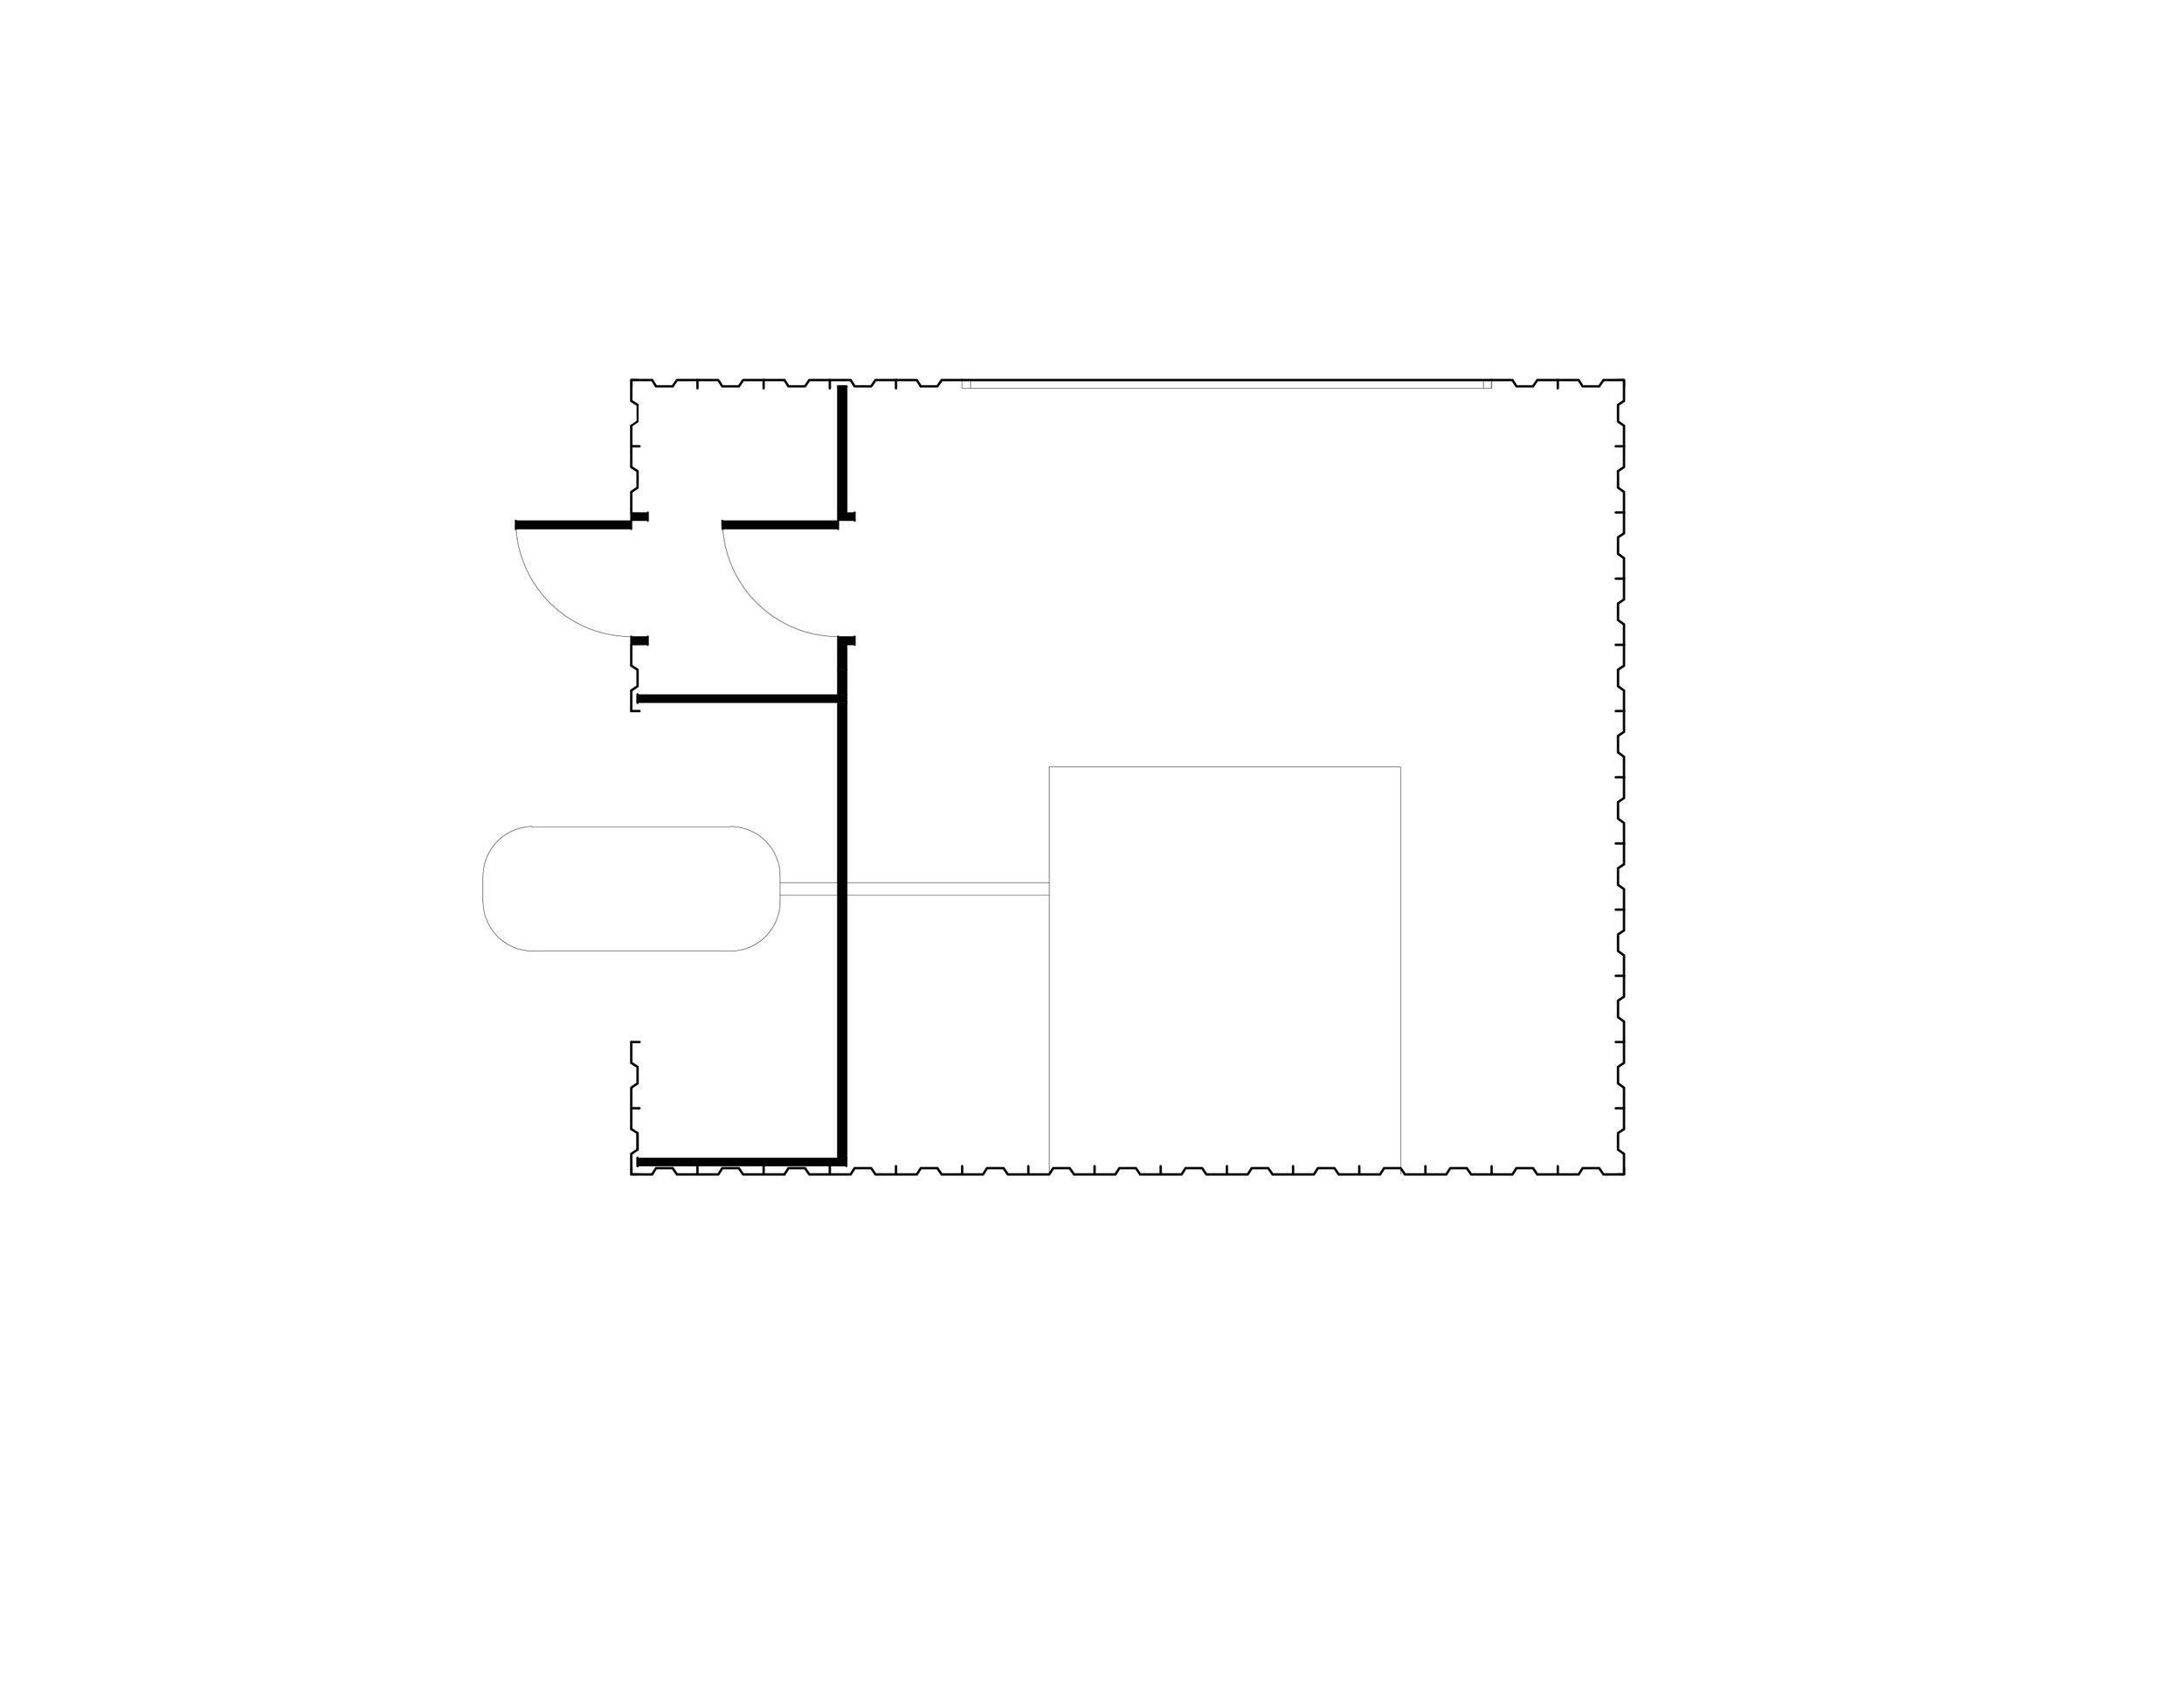 Building 9 Floor Plan